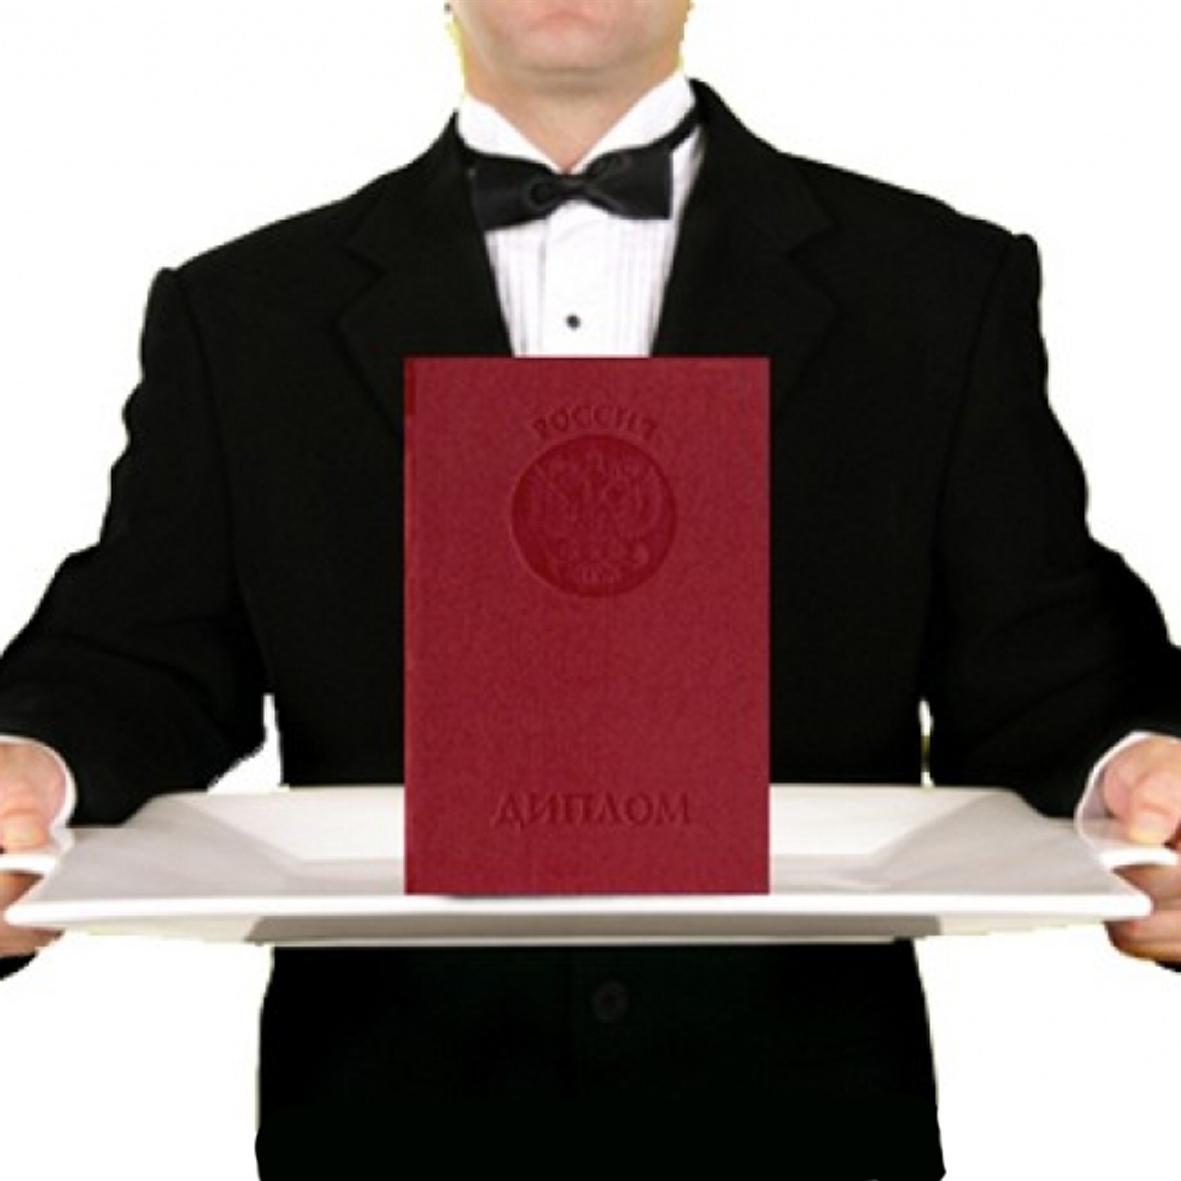 Выпускники Вологодского госуниверситета получат дипломы без  Выпускники Вологодского госуниверситета получат дипломы без корочек